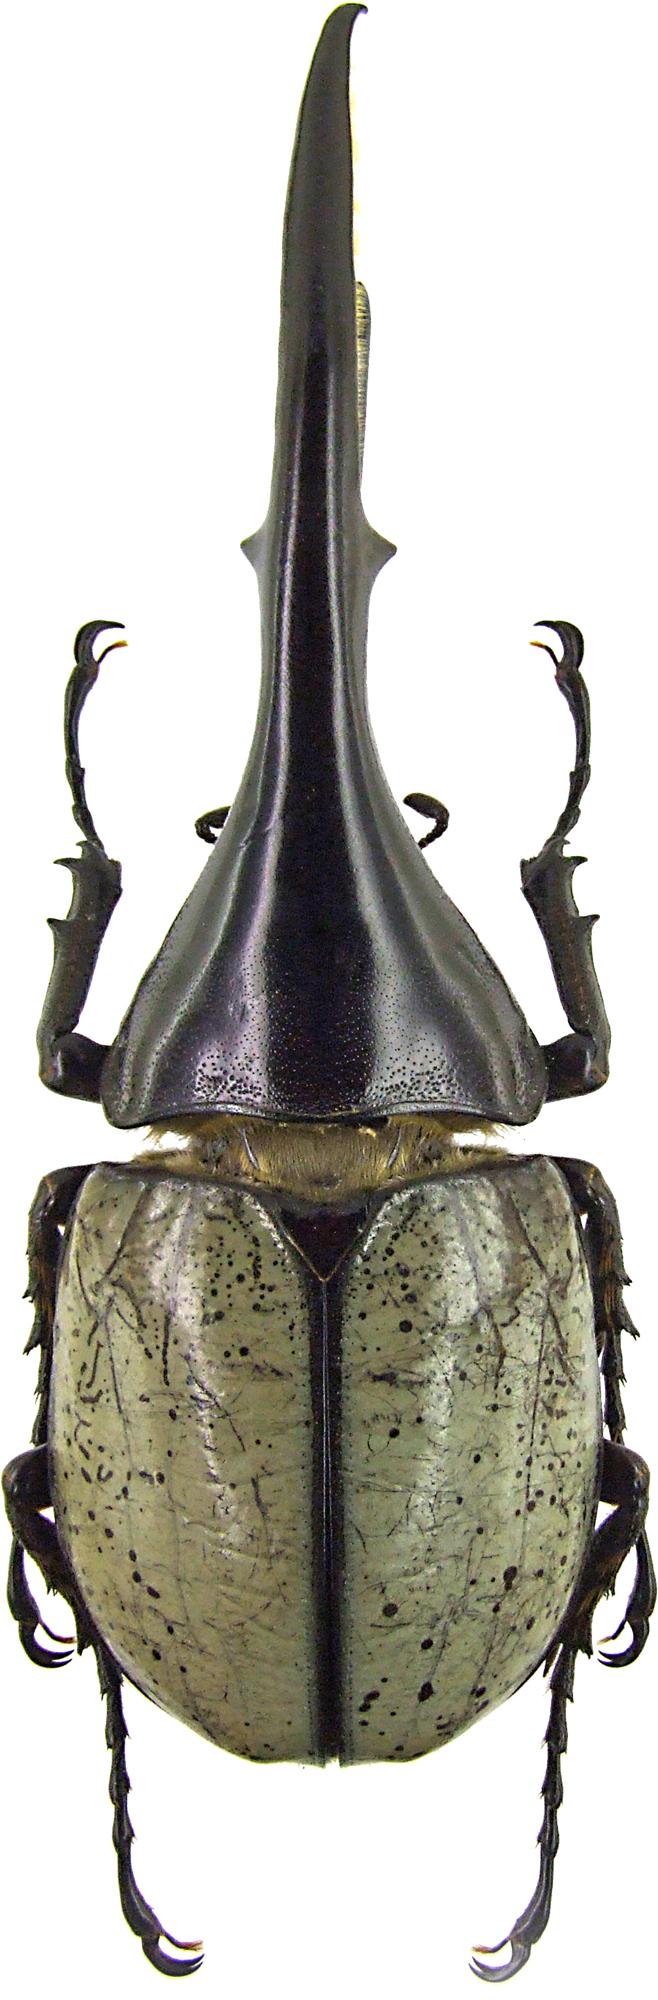 Dynastes hercules 1546.jpg